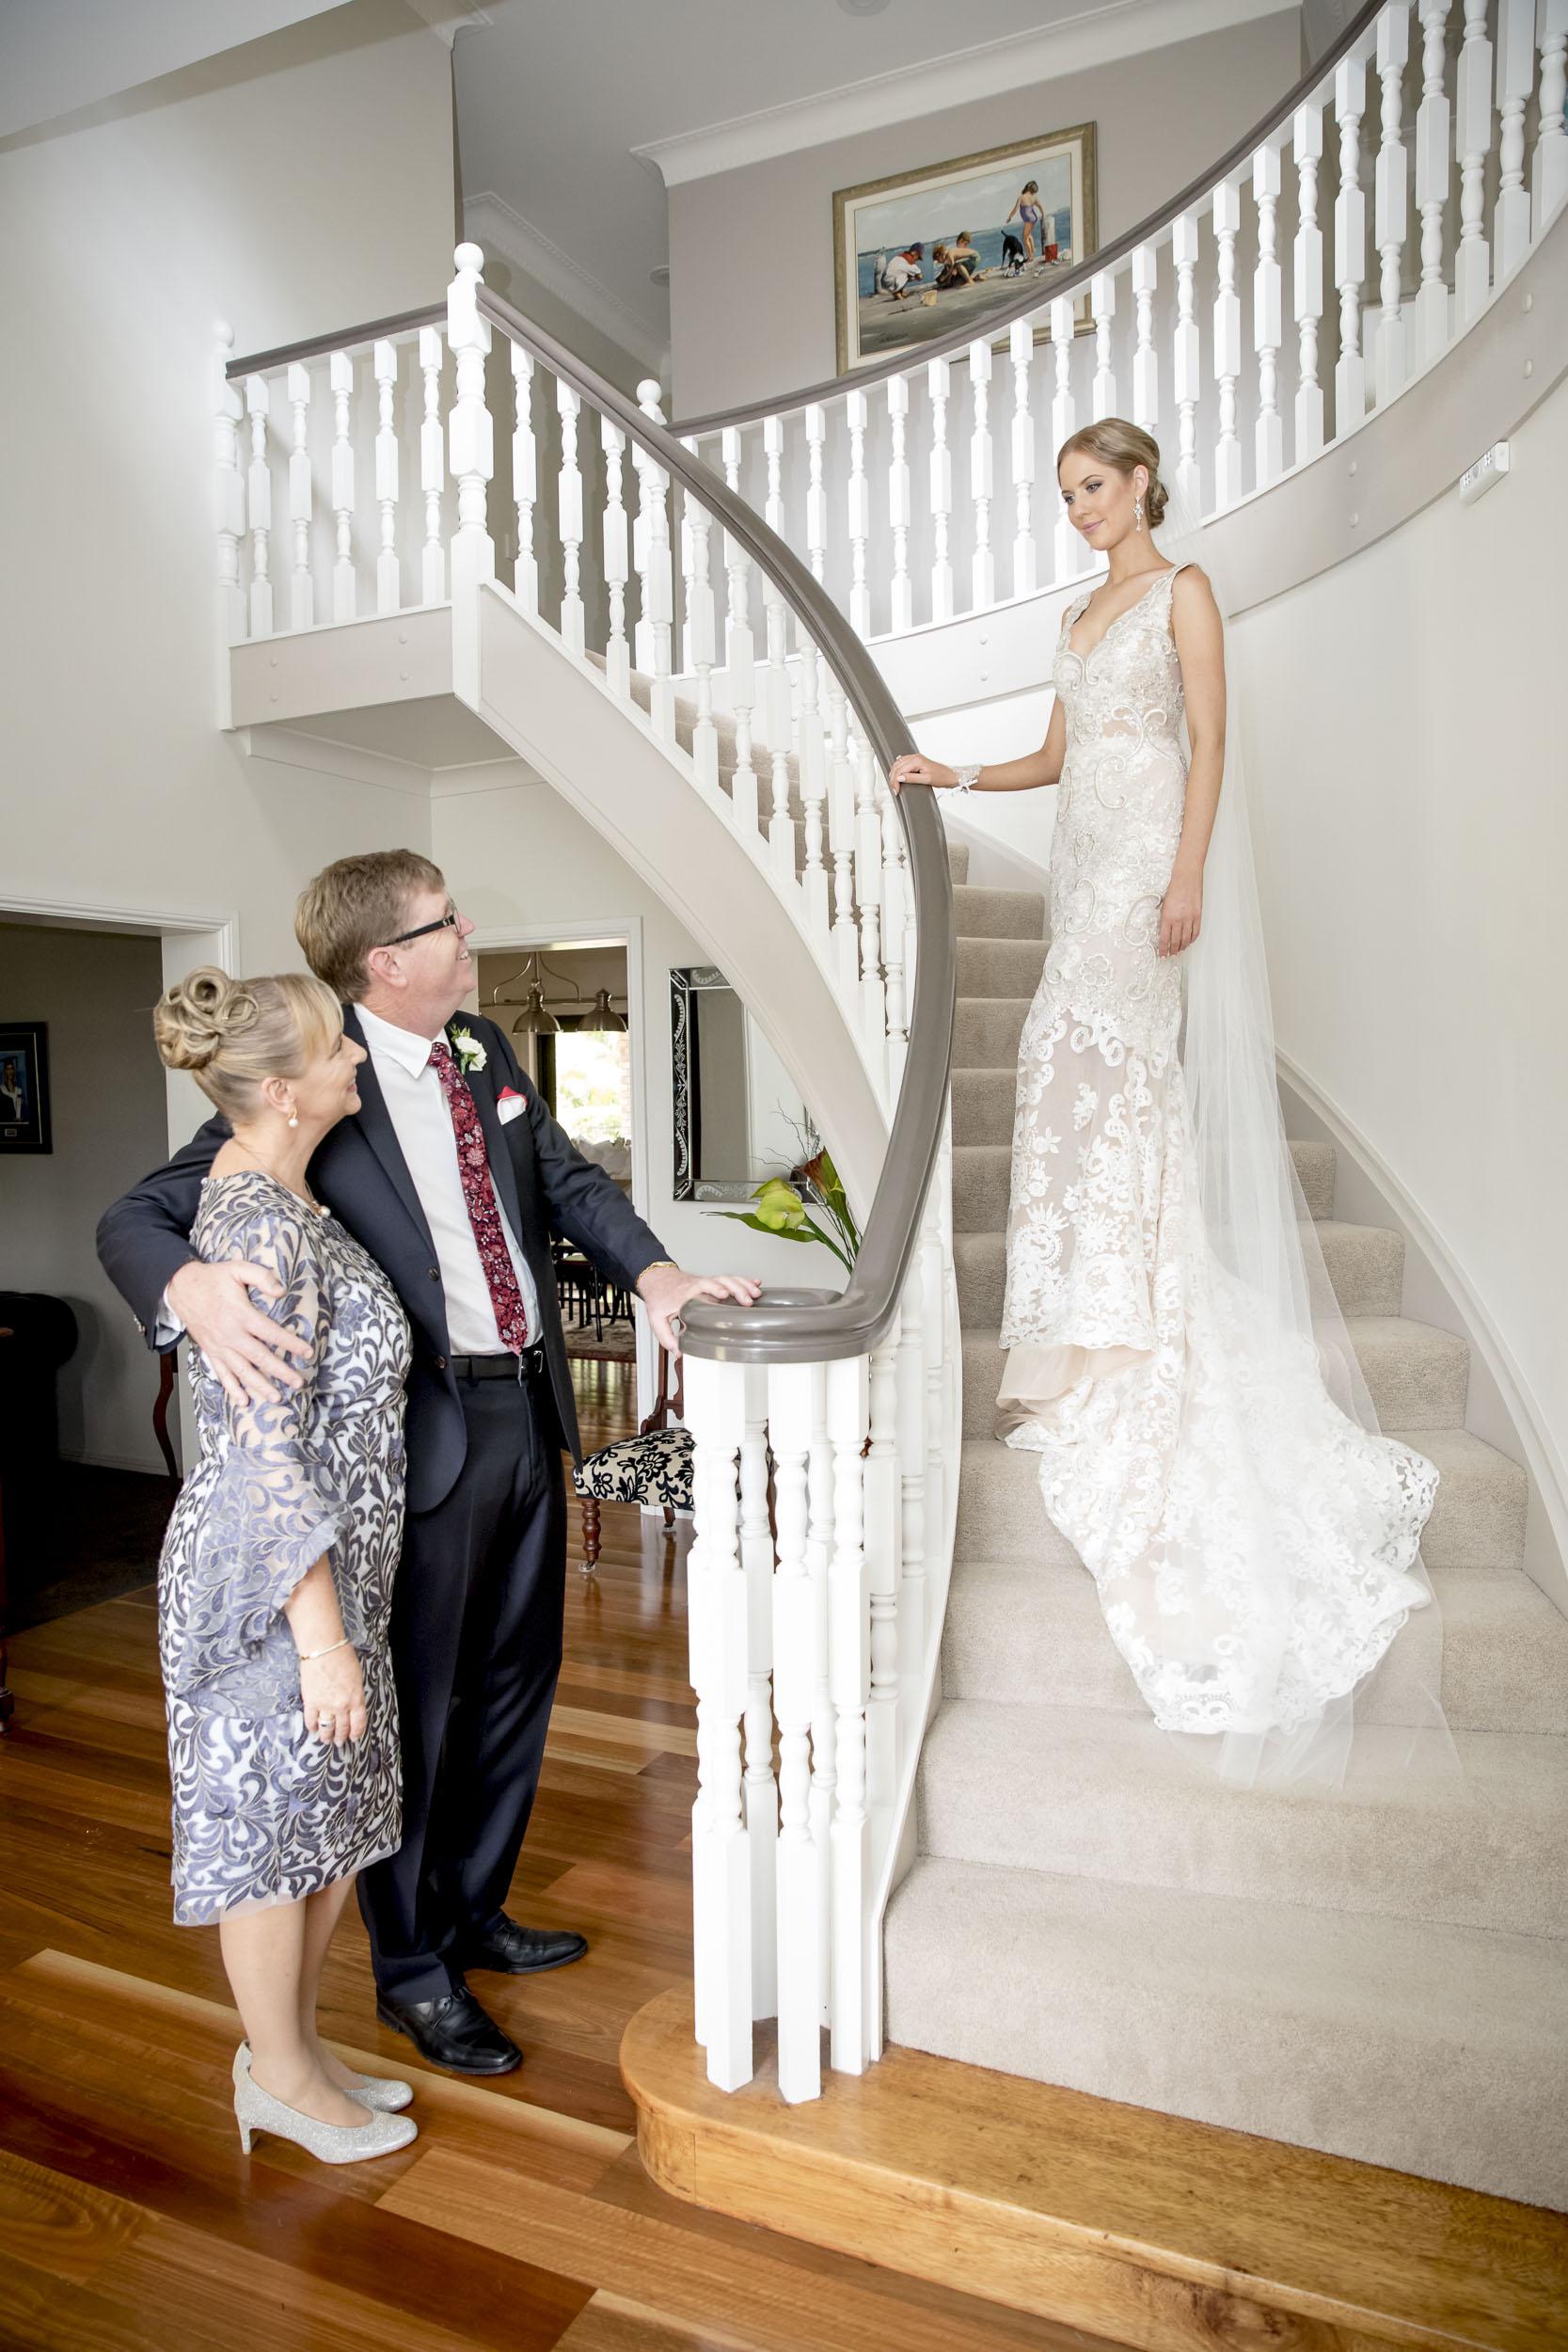 web res-A- bride prep-7669.jpg